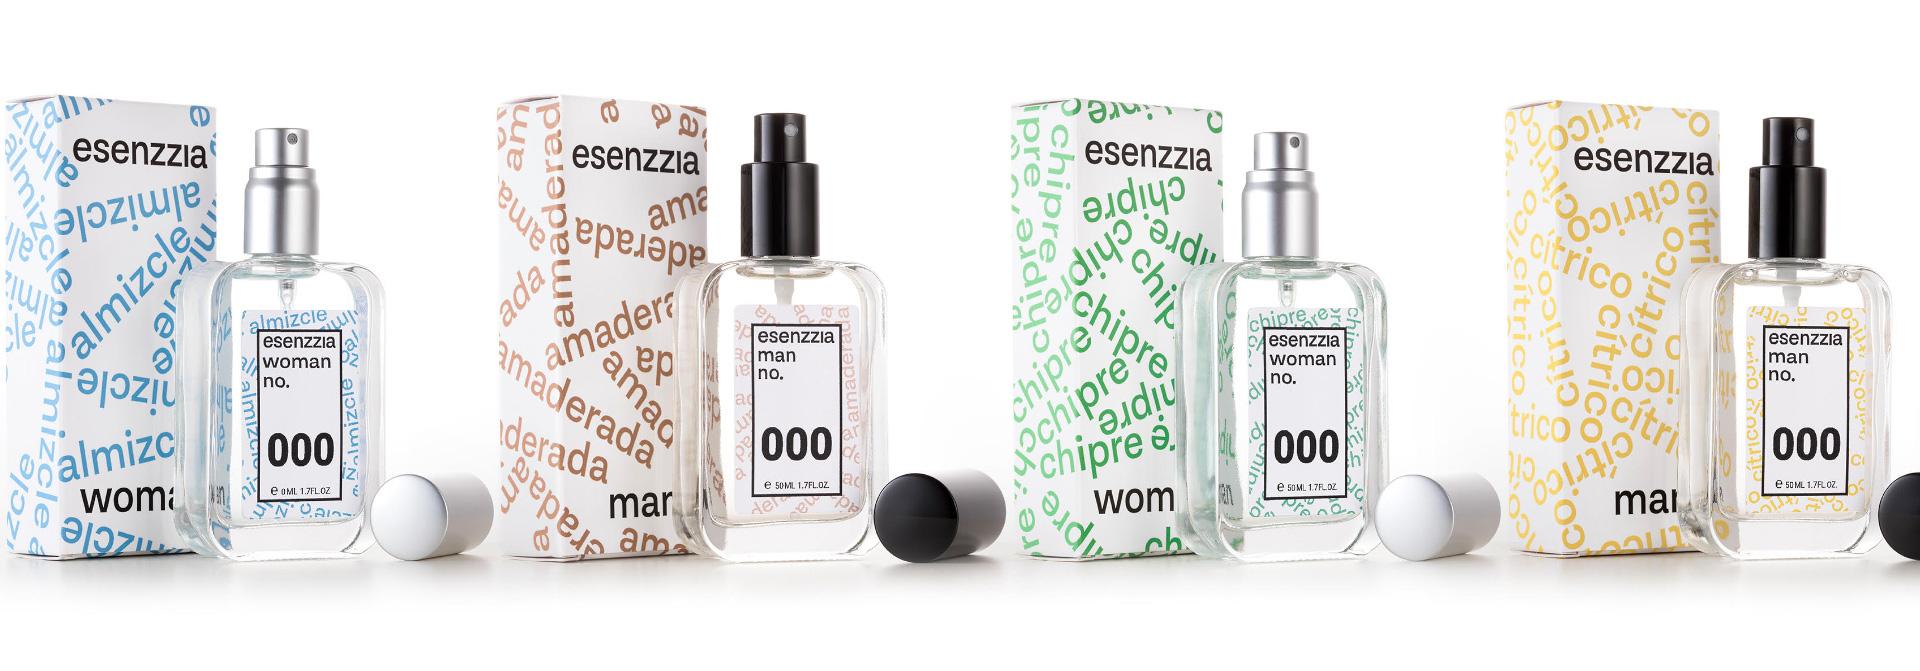 Fografía de productos Esenzzia